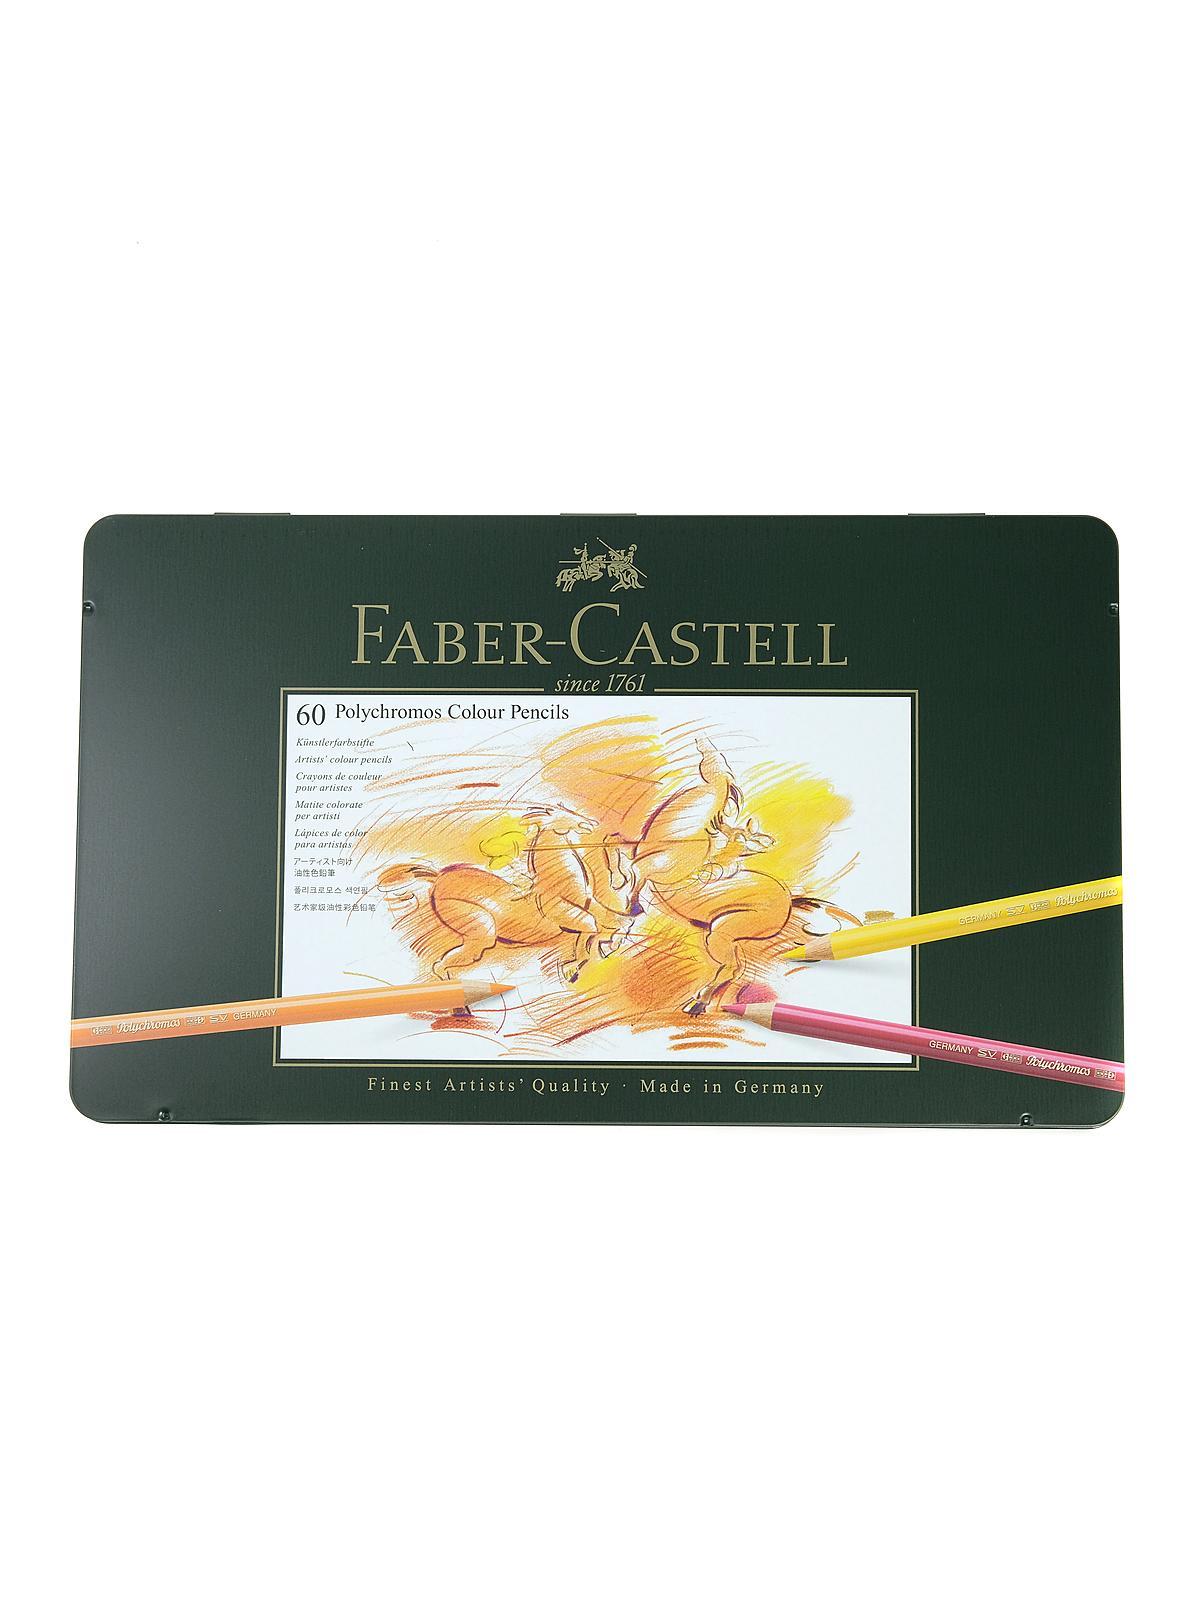 faber castell polychromos colored pencils sets ebay. Black Bedroom Furniture Sets. Home Design Ideas